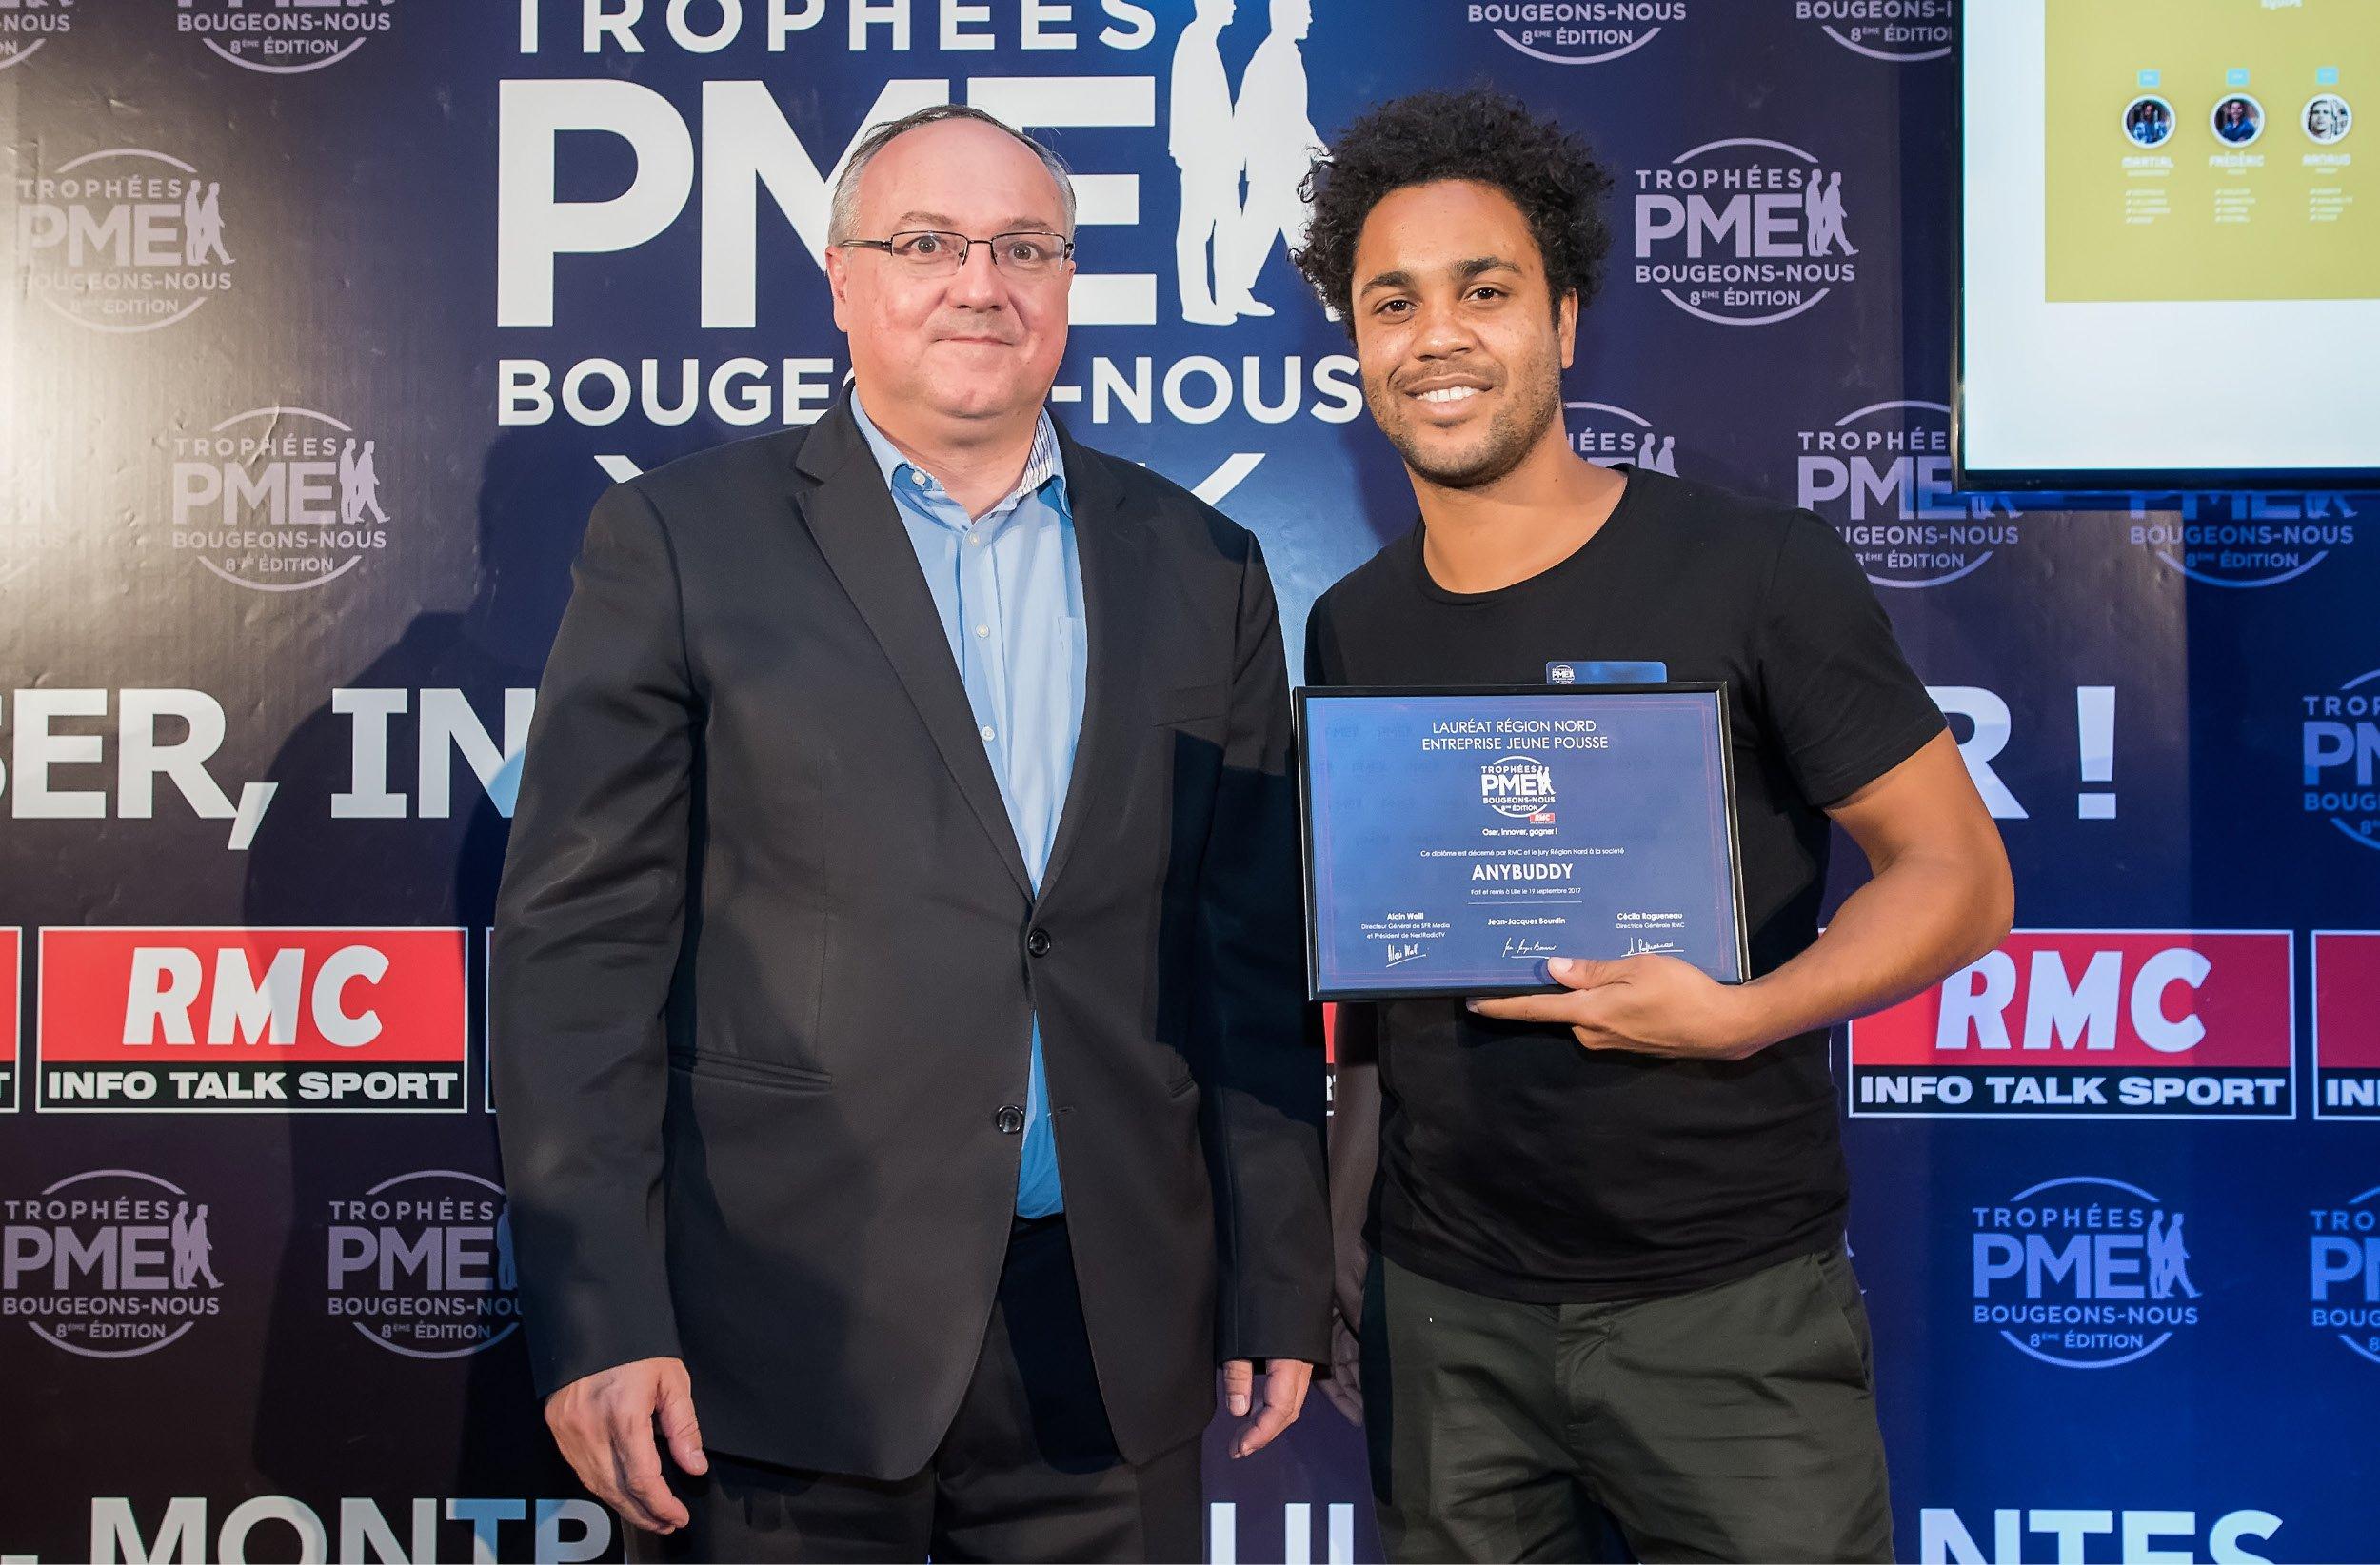 Anybuddy, lauréat 2017 des trophées RMC